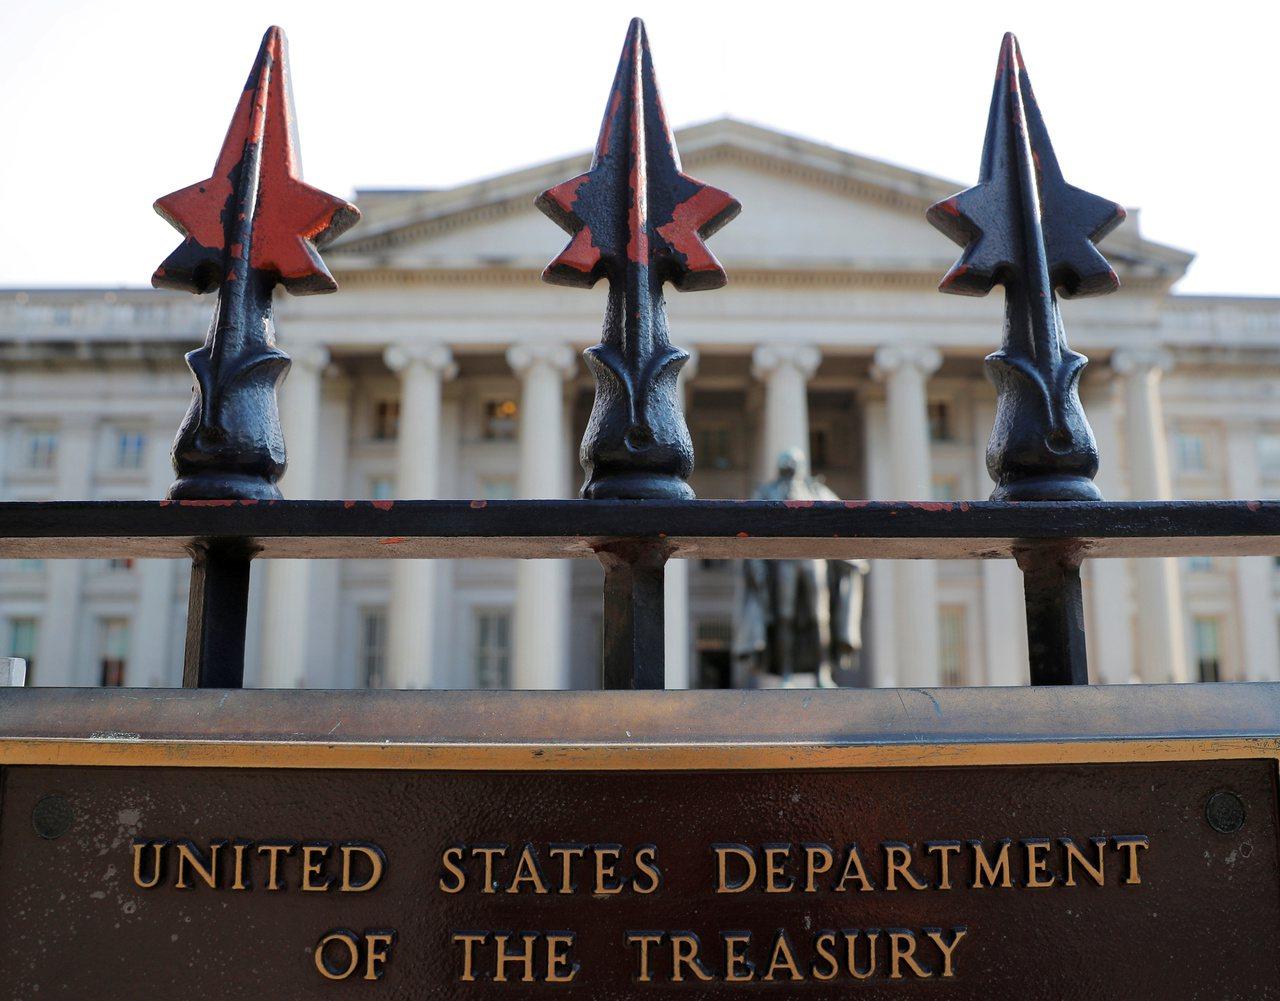 美國財政部資料顯示,截至8月日本仍是美國公債的最大外國持有者。 路透